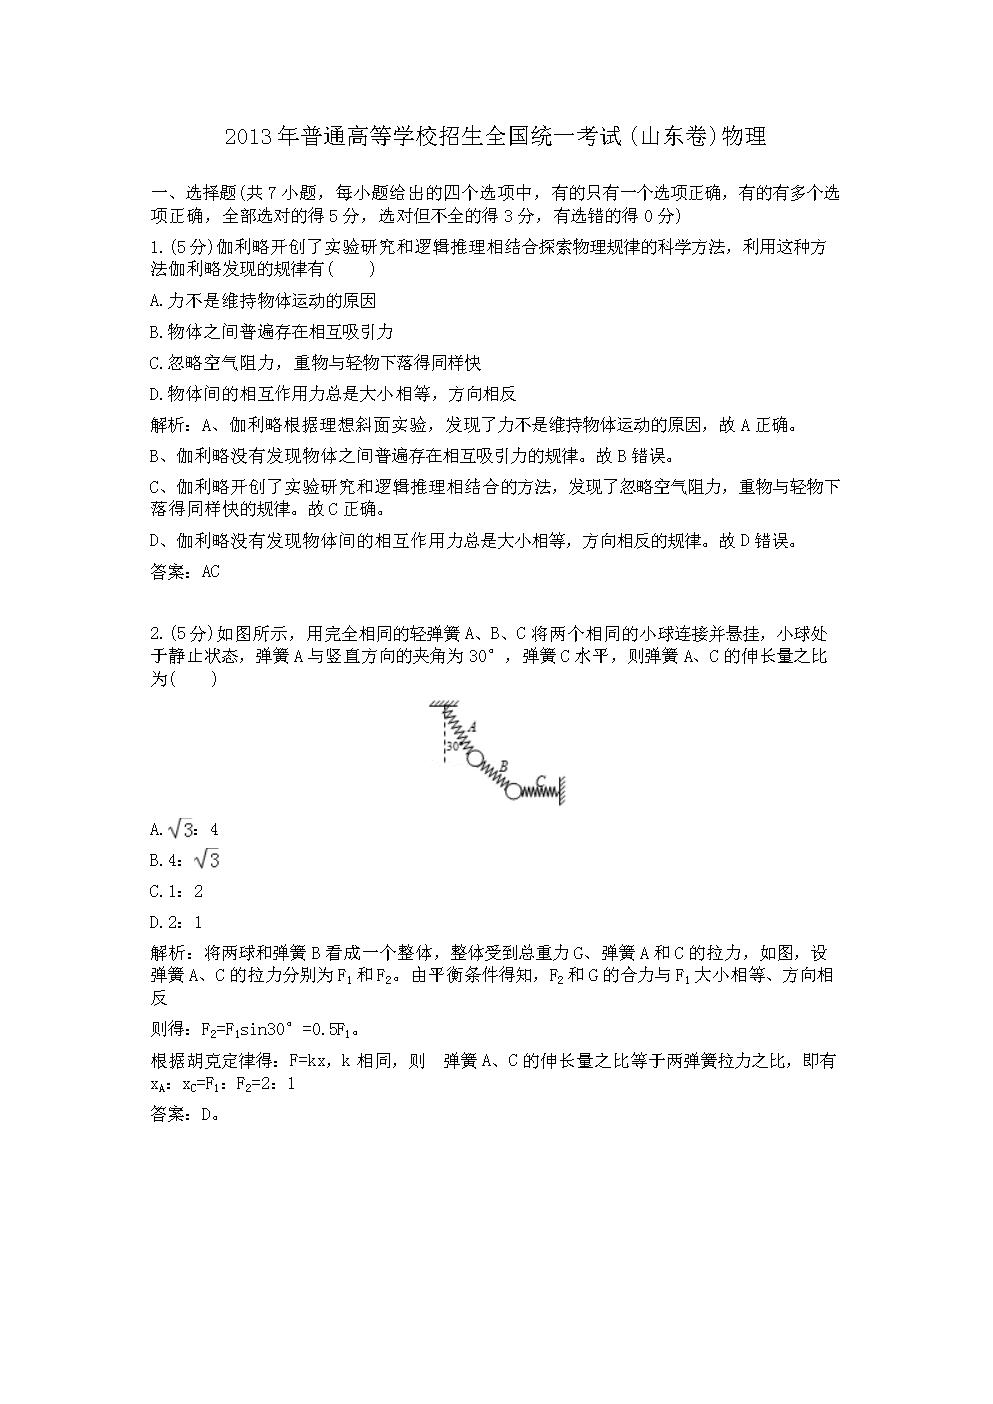 2013年普通高等學校招生全國統一考試(山東卷)物理.docx